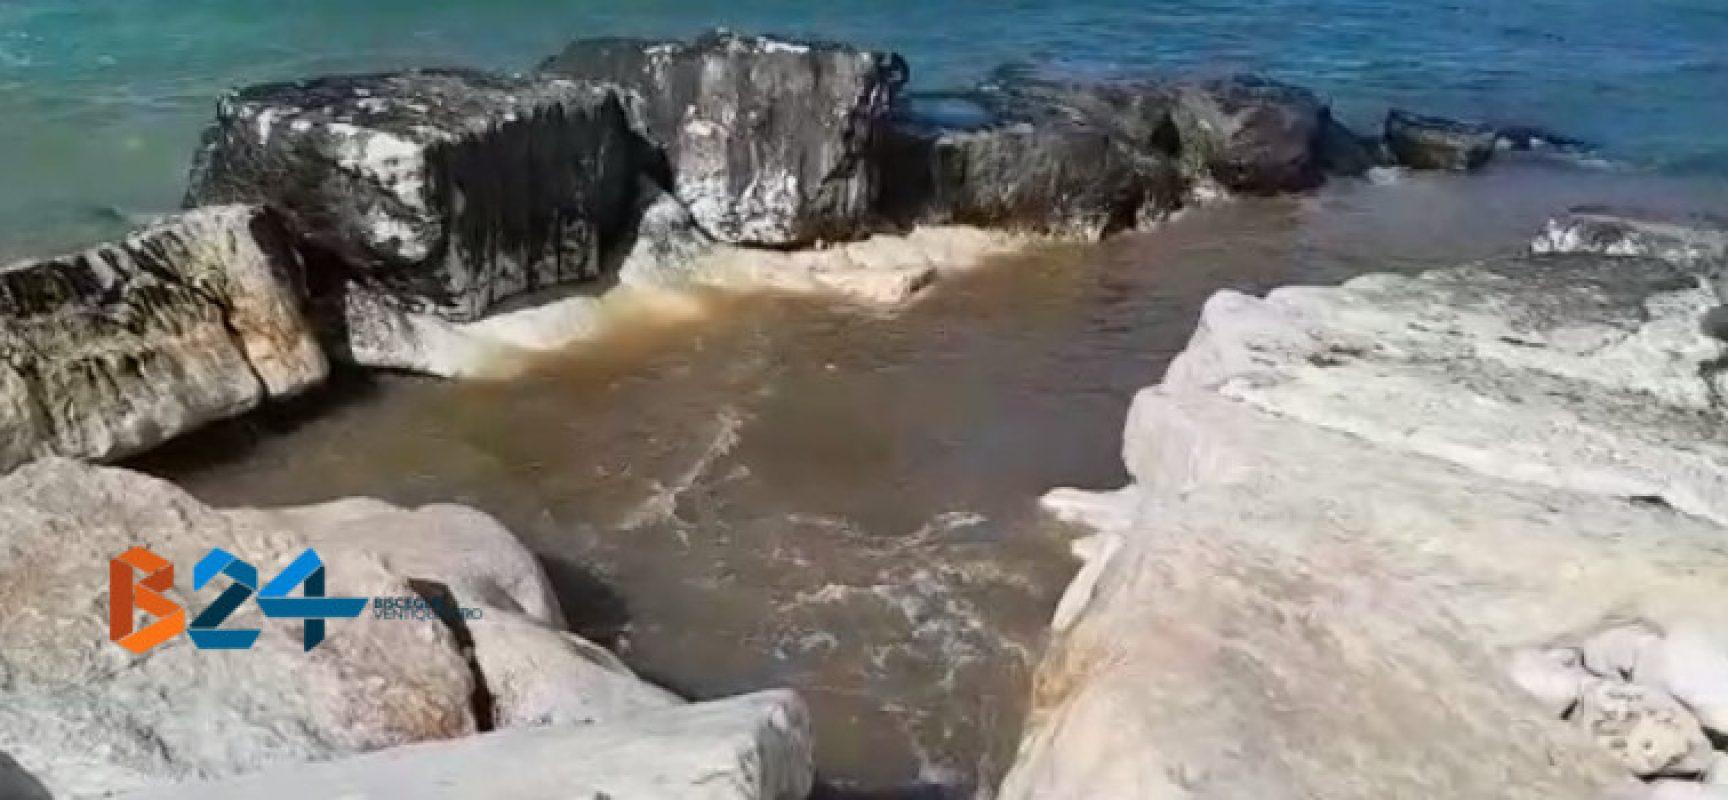 Confermato divieto di balneazione in zona ex Bi Marmi e area portuale